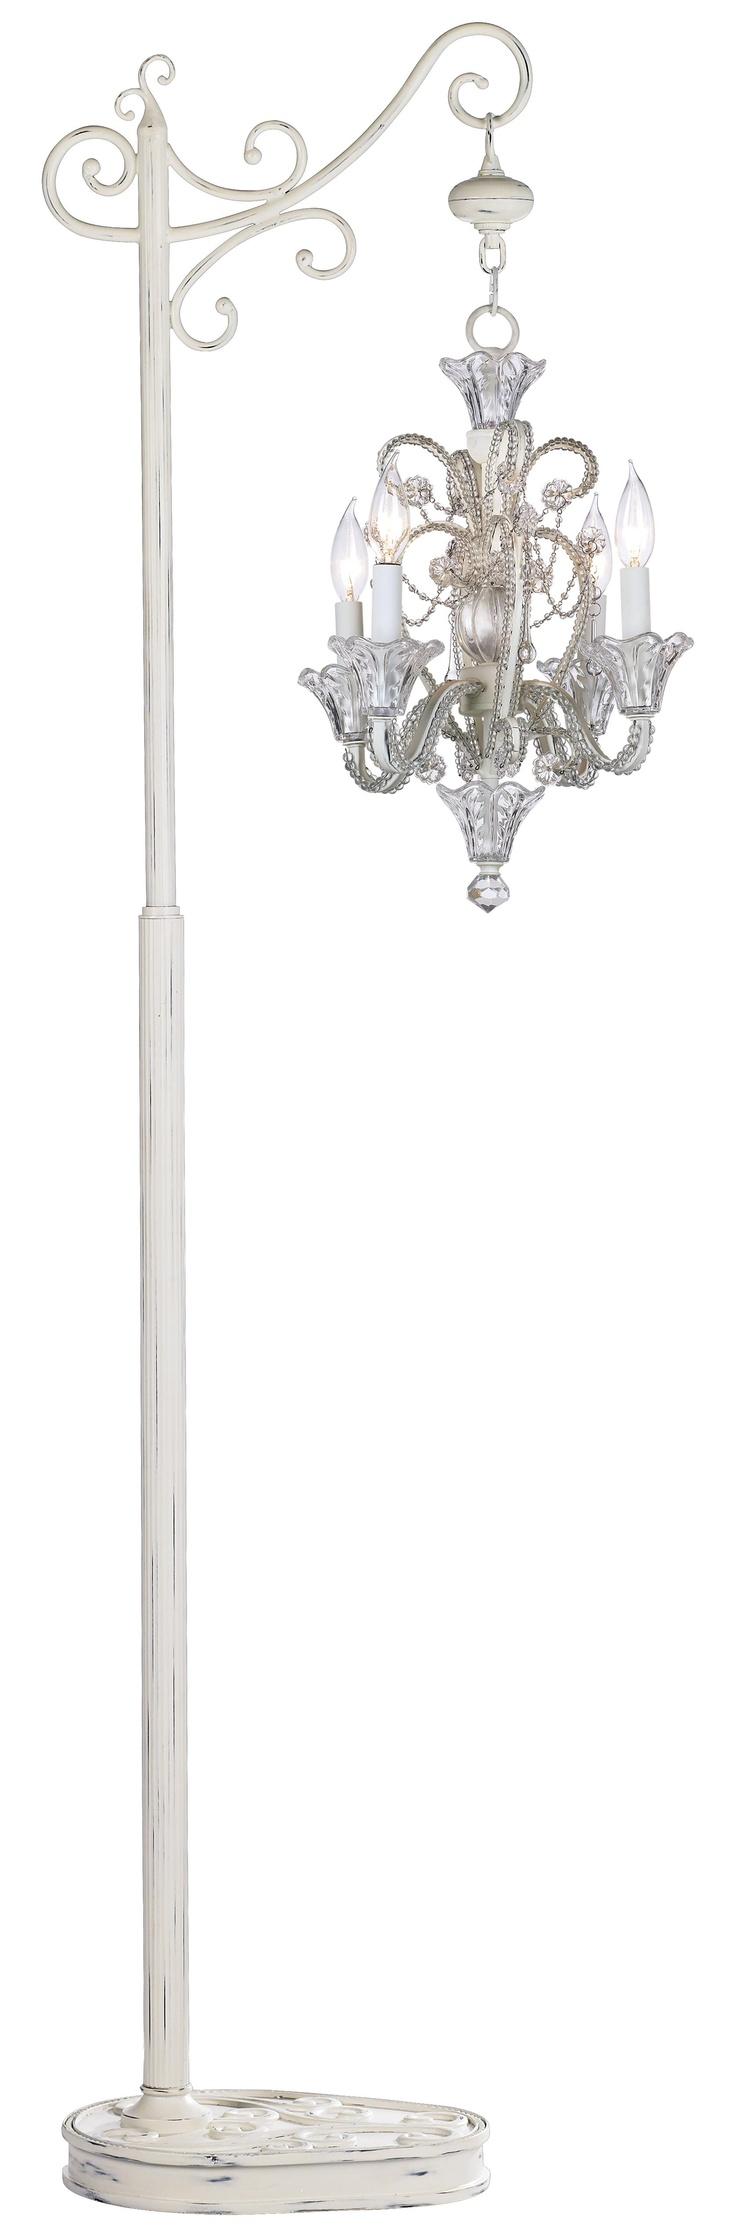 chandelier floor lamps photo - 10